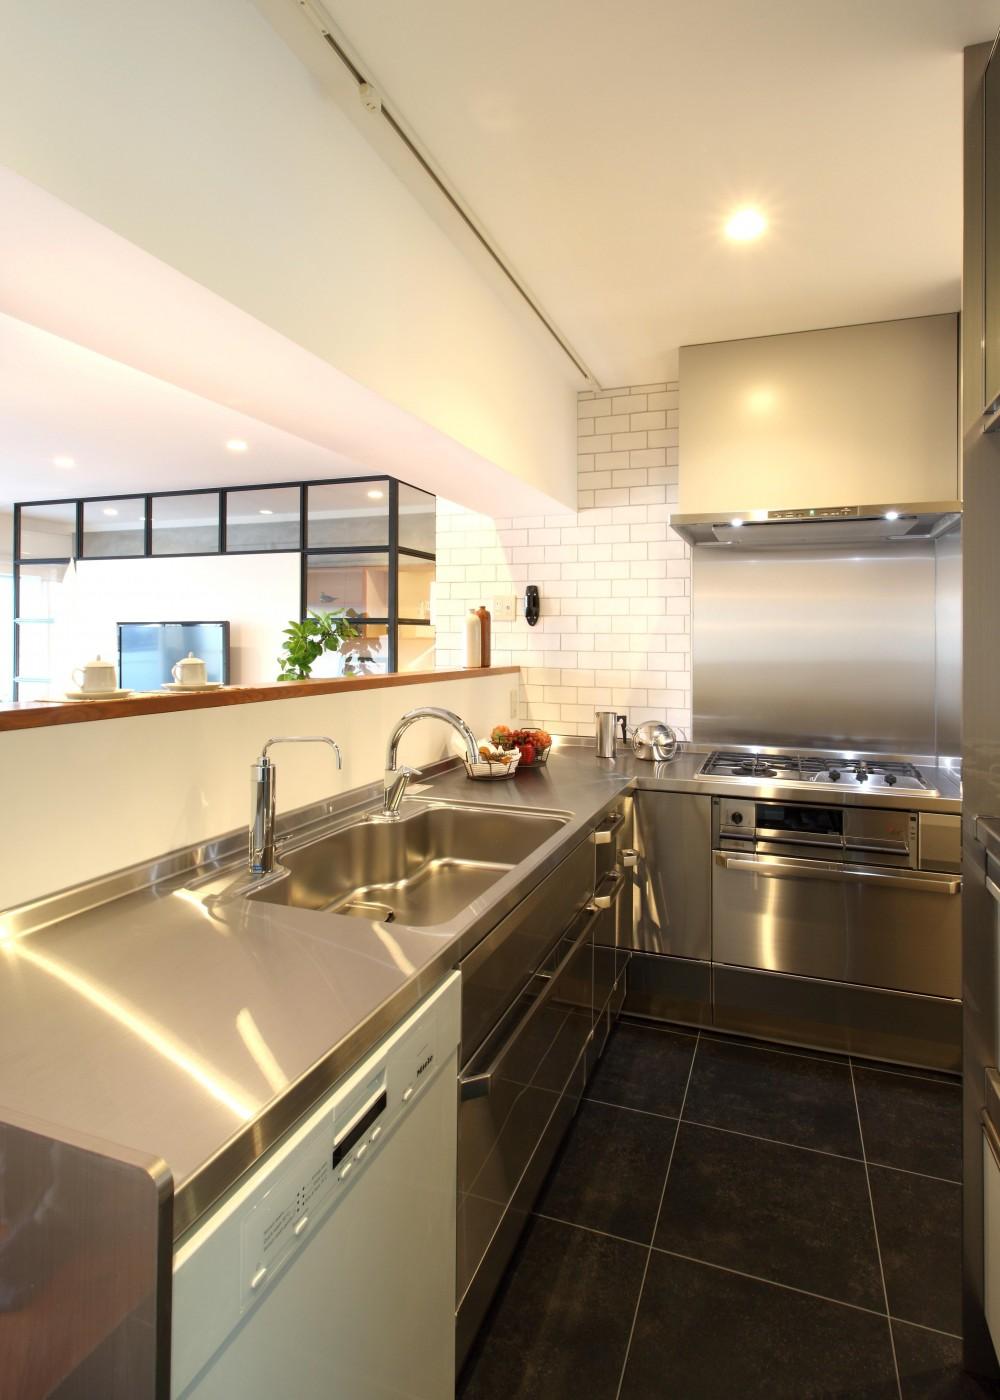 ヴィンテージマンション×リノベーションで理想の住まいを実現 (キッチン)